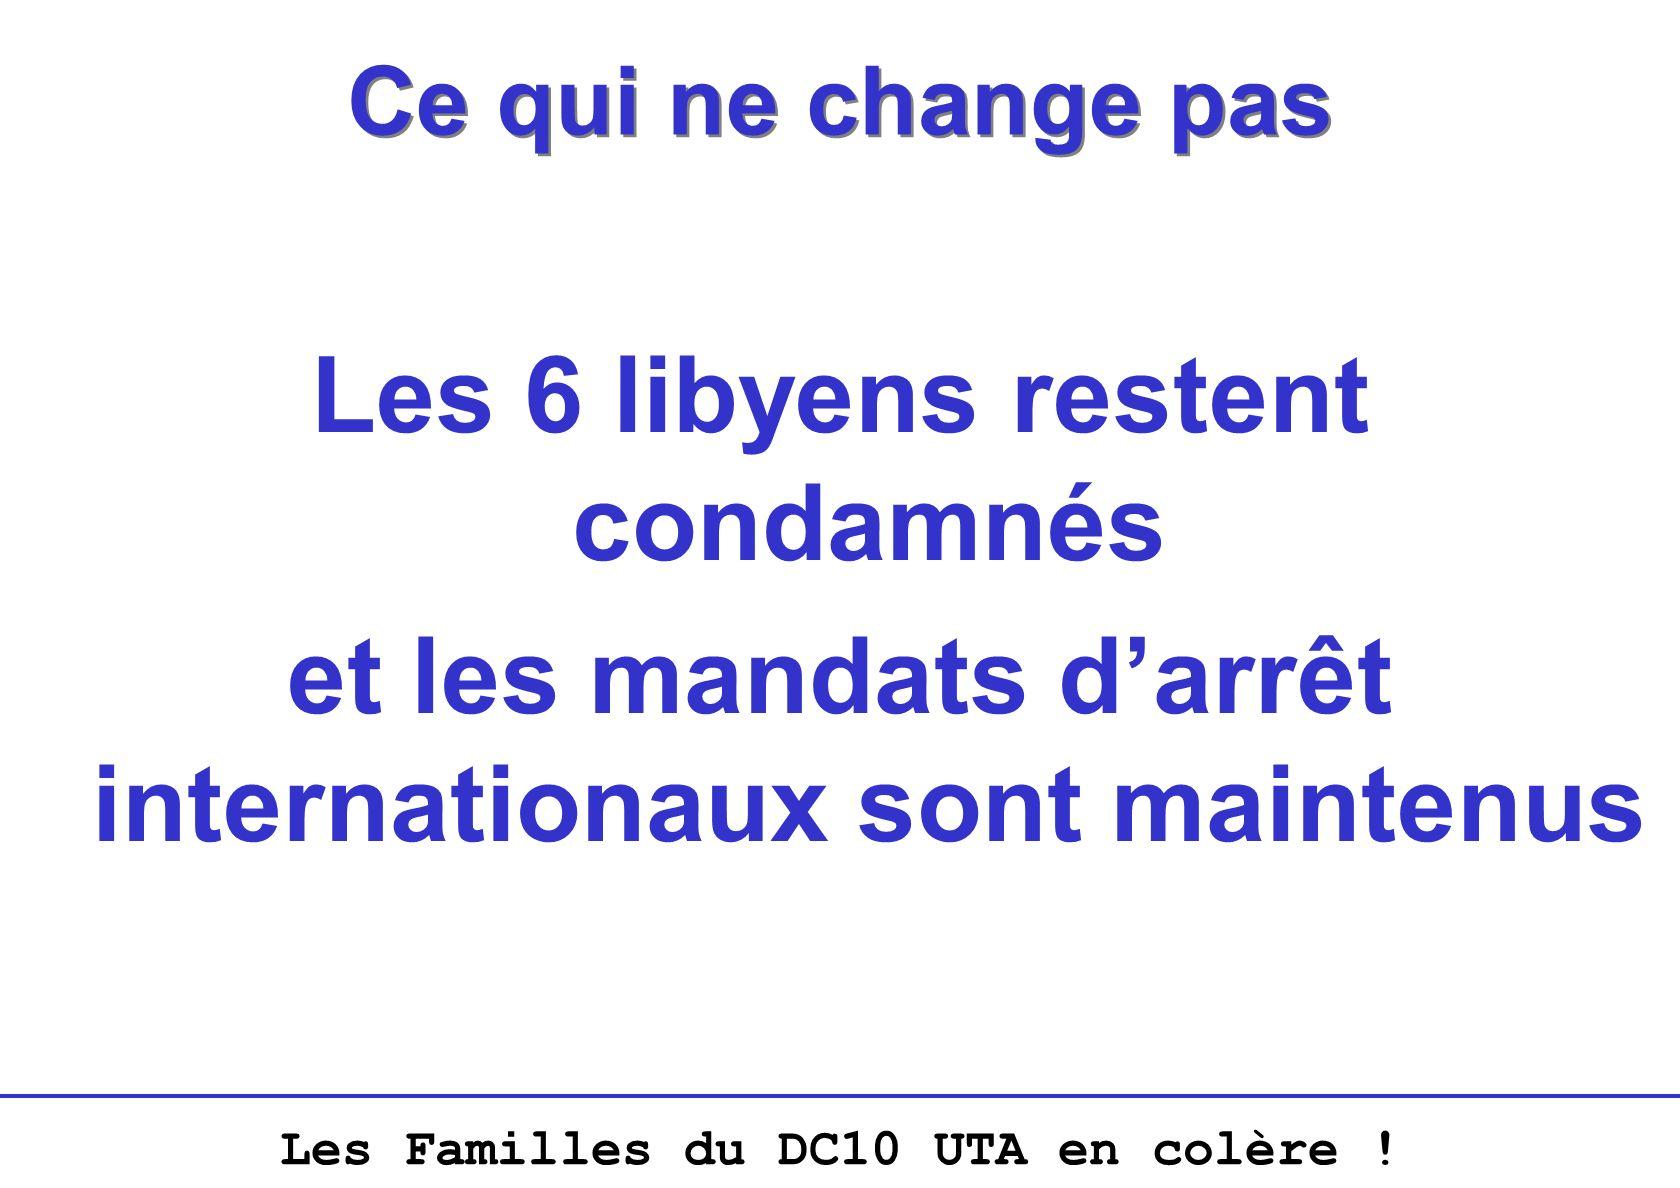 Les Familles du DC10 UTA en colère ! Ce qui ne change pas Les 6 libyens restent condamnés et les mandats darrêt internationaux sont maintenus